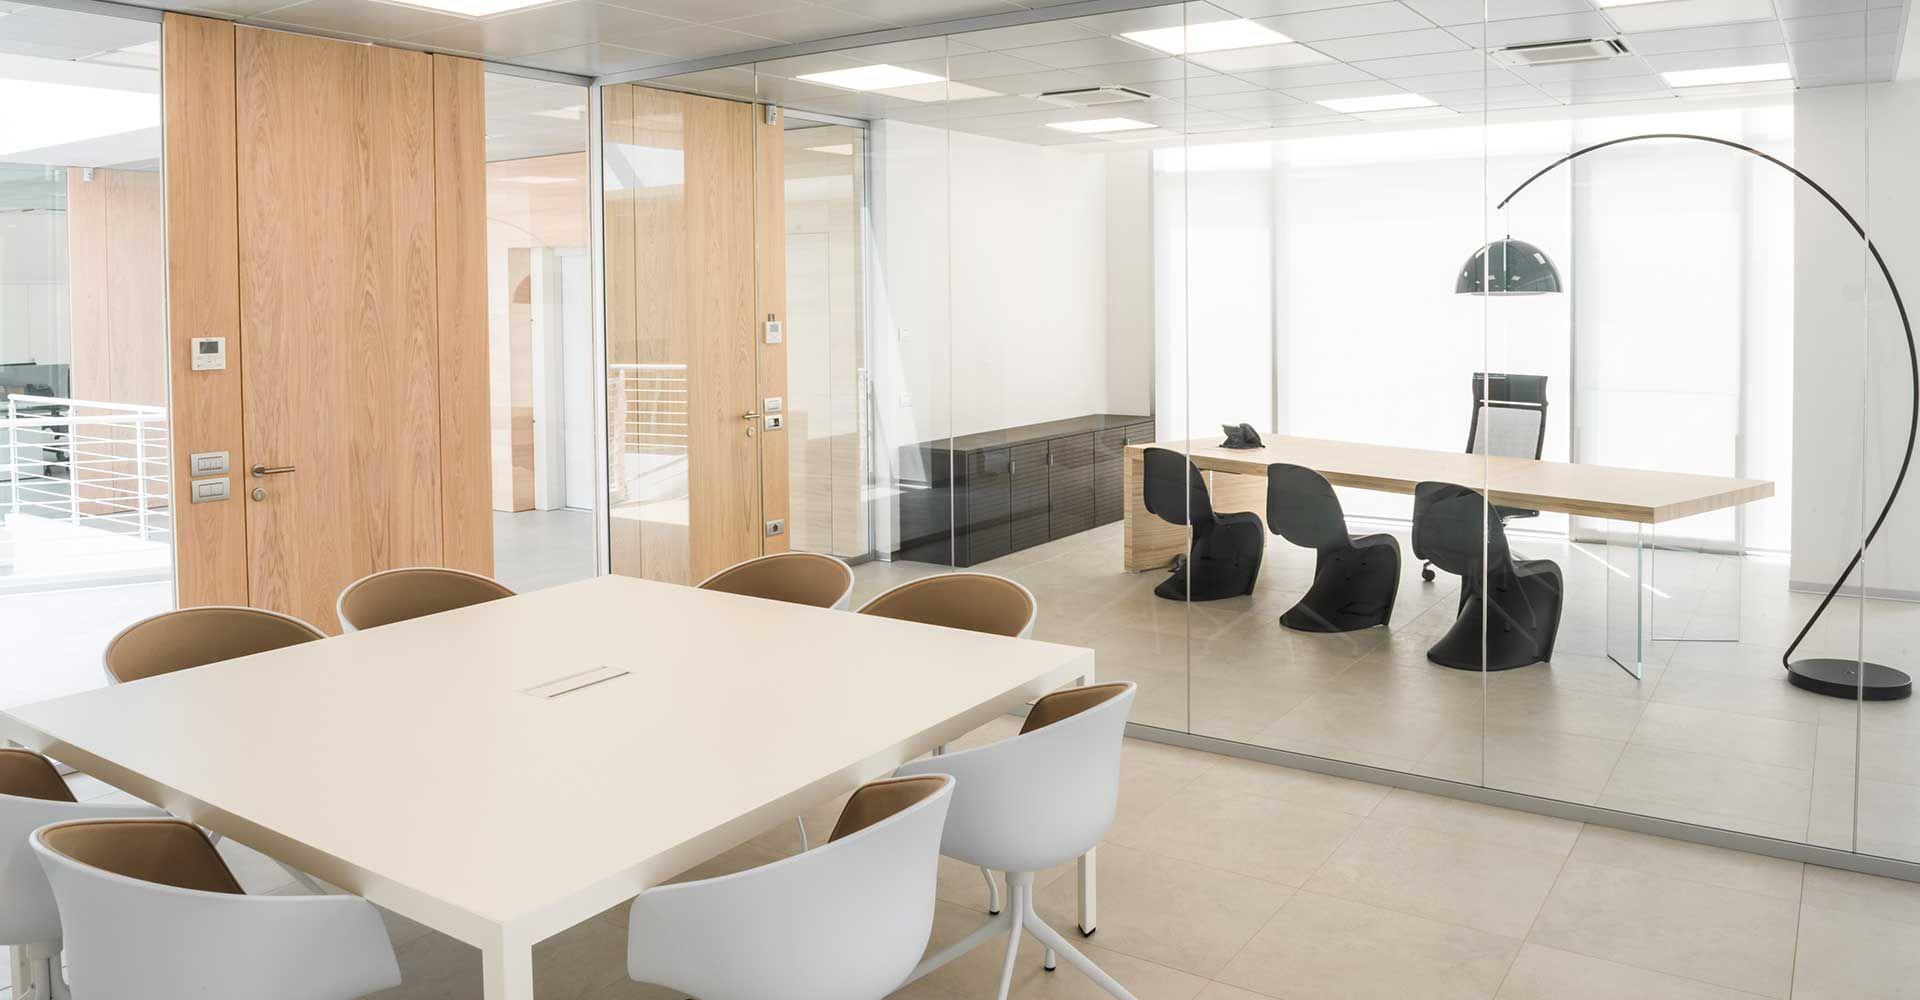 Ufficio Di Ogni Provincia : Durante ufficio progettazione e fornitura arredamenti per uffici